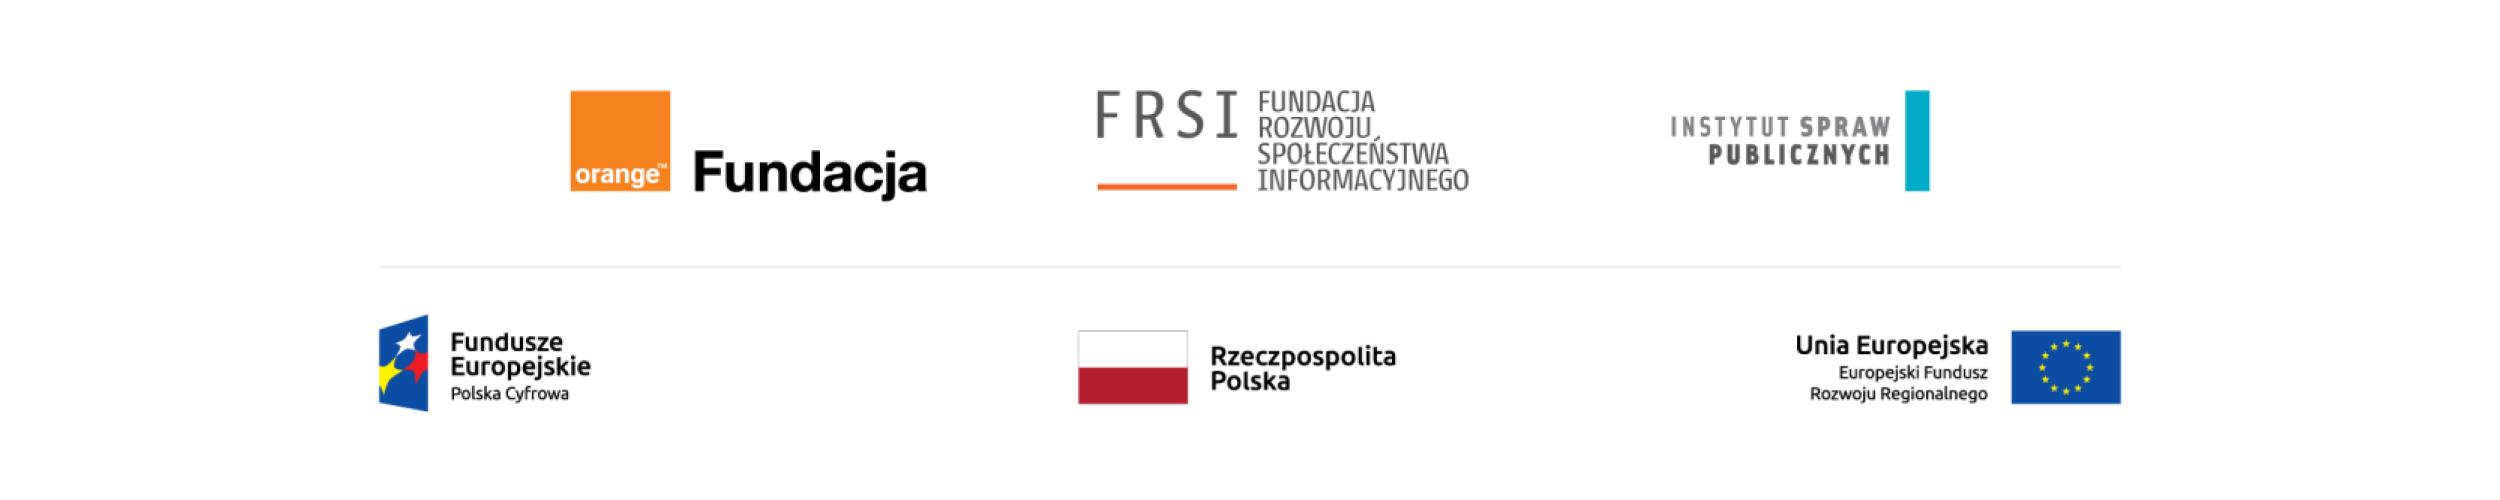 Na białym tle w dwóch linijkach znajdują się: (na górze) logo fundacji Orange, lofo Fundacji Rozwoju Społeczeństwa Informacyjnego, logo Instytutu Spraw Publicznych. Poniżej logo Funduszy Europejskich Polska Cyfrowa, Flaga Rzeczpospolitej Polskiej, Flaga Unii Europejskiej